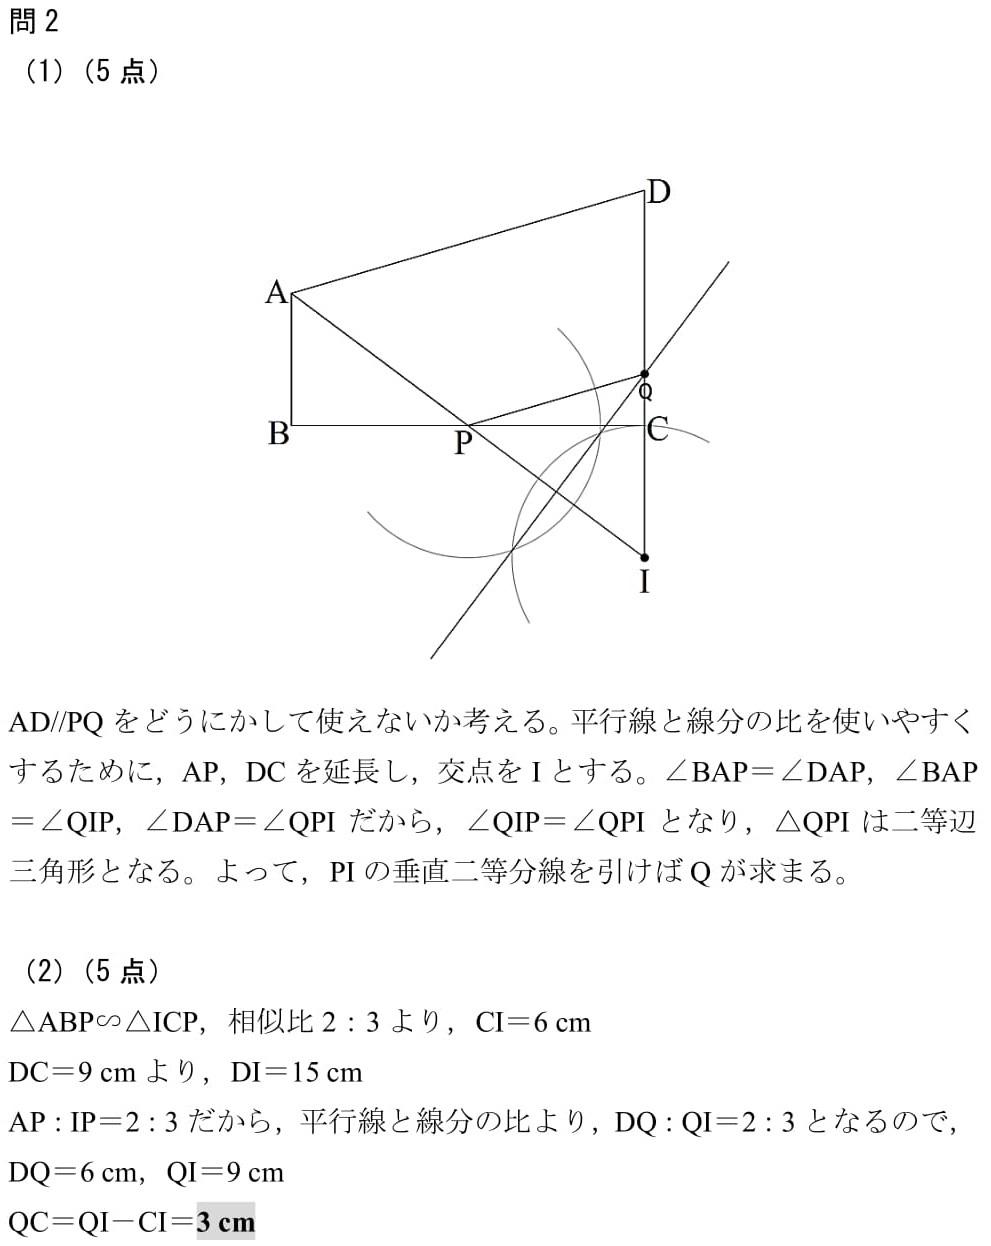 2010 新宿高校 過去問 数学 大問3 証明 難問 解答 解説